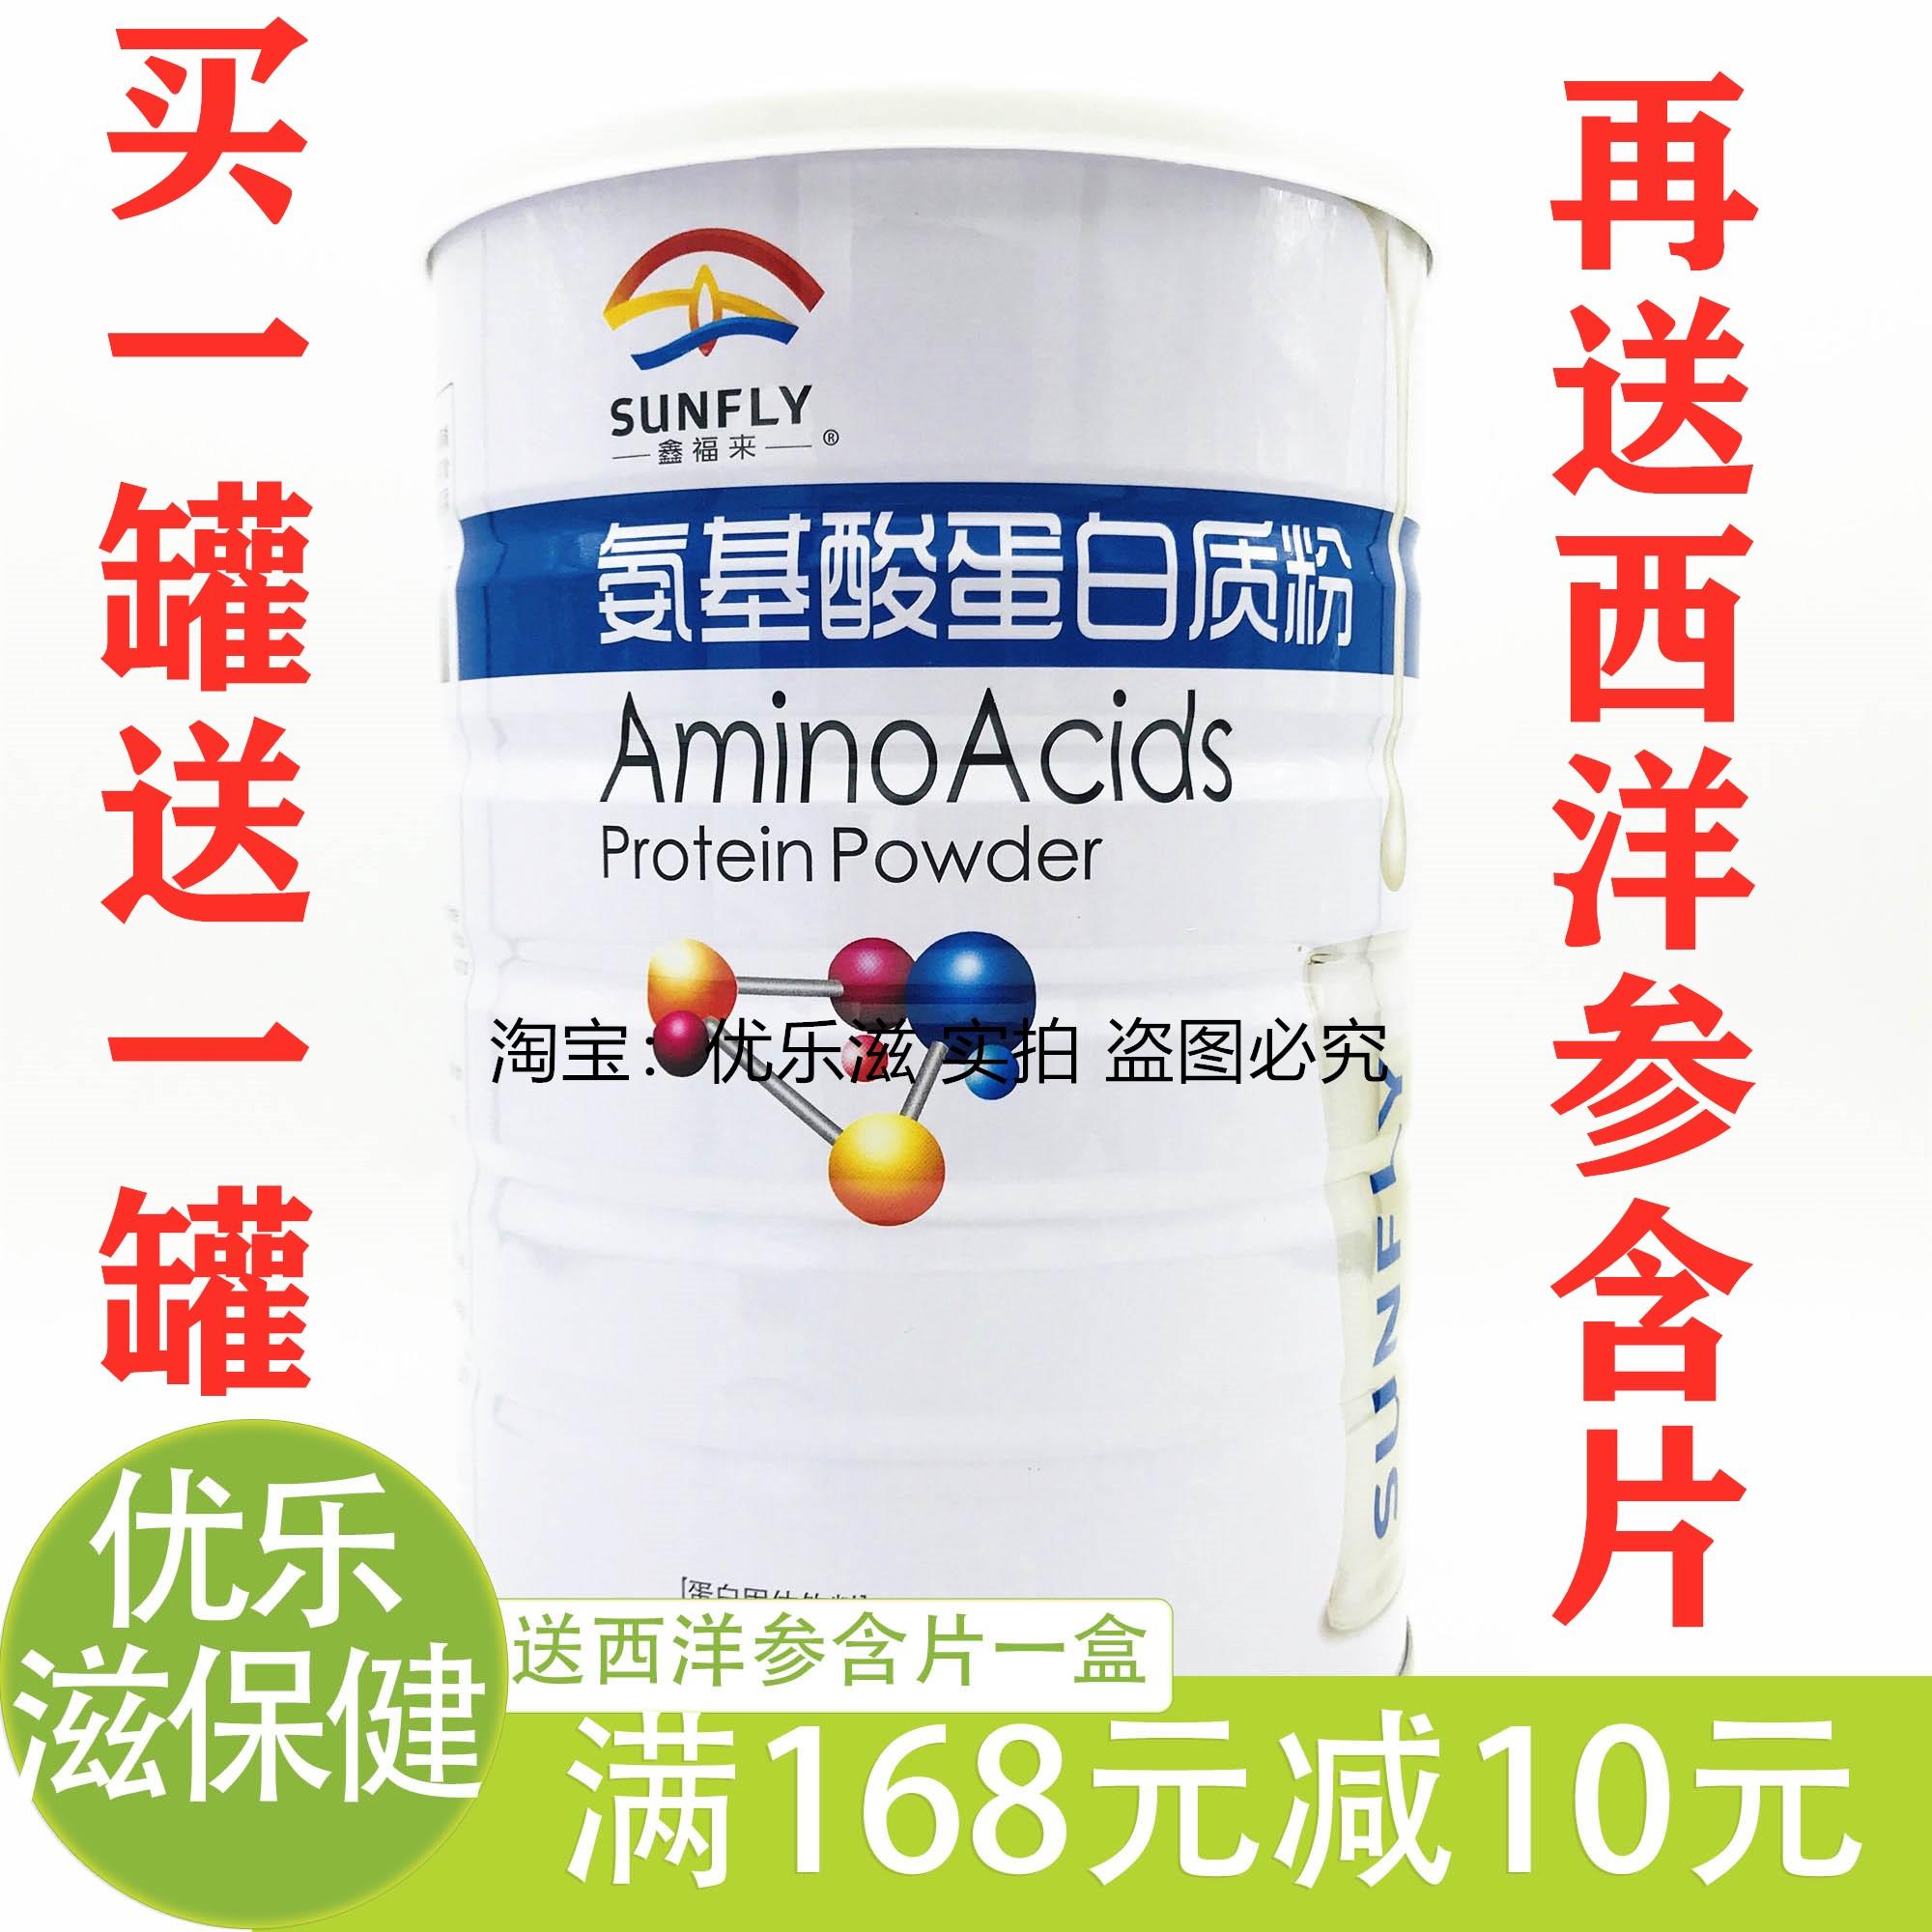 买一罐送一罐 鑫福来氨基酸蛋白质粉中老年营养蛋白粉1千克